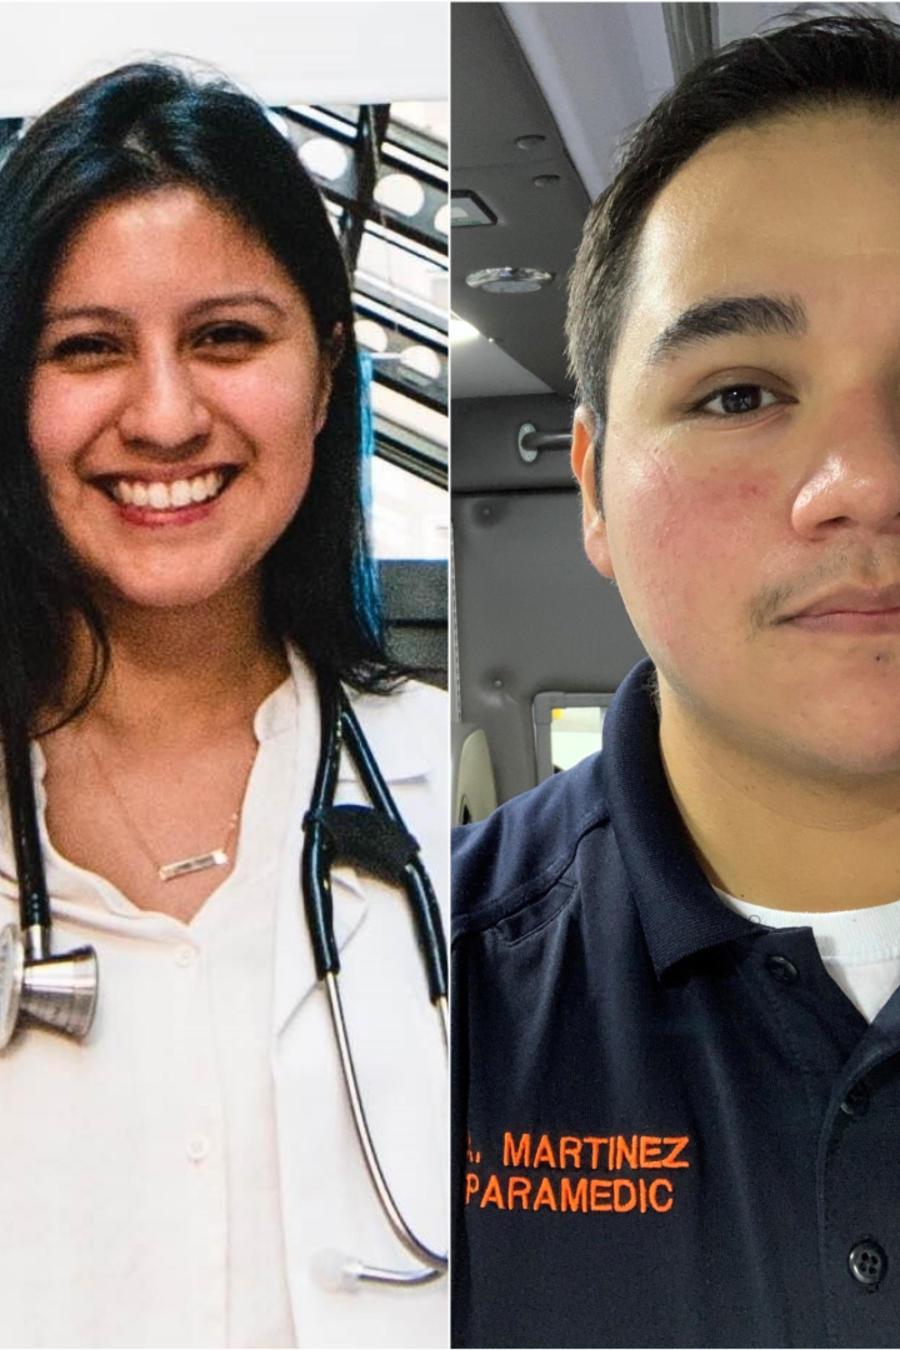 Unos 27,000 beneficiarios de DACA trabajan en el sector de la salud respondiendo a la pandemia de coronavirus. Pero en junio la Corte Suprema podría decidir suspender el programa, dejando un peligroso faltante de personal para responder a la crisis.